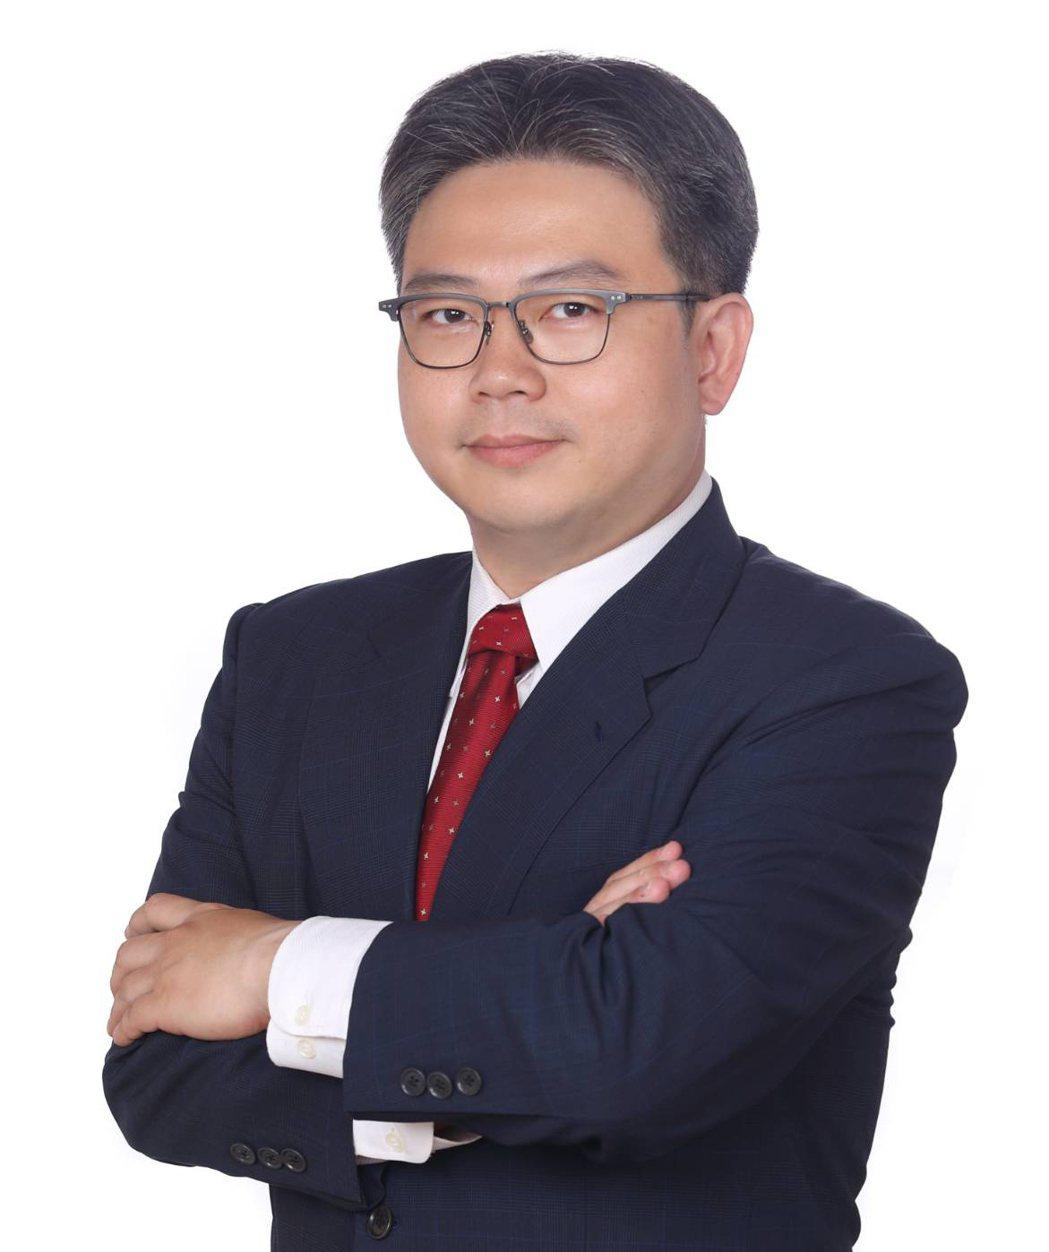 敏盛醫院胸腔科醫師林聿騰。 圖/欣寶智慧環境提供